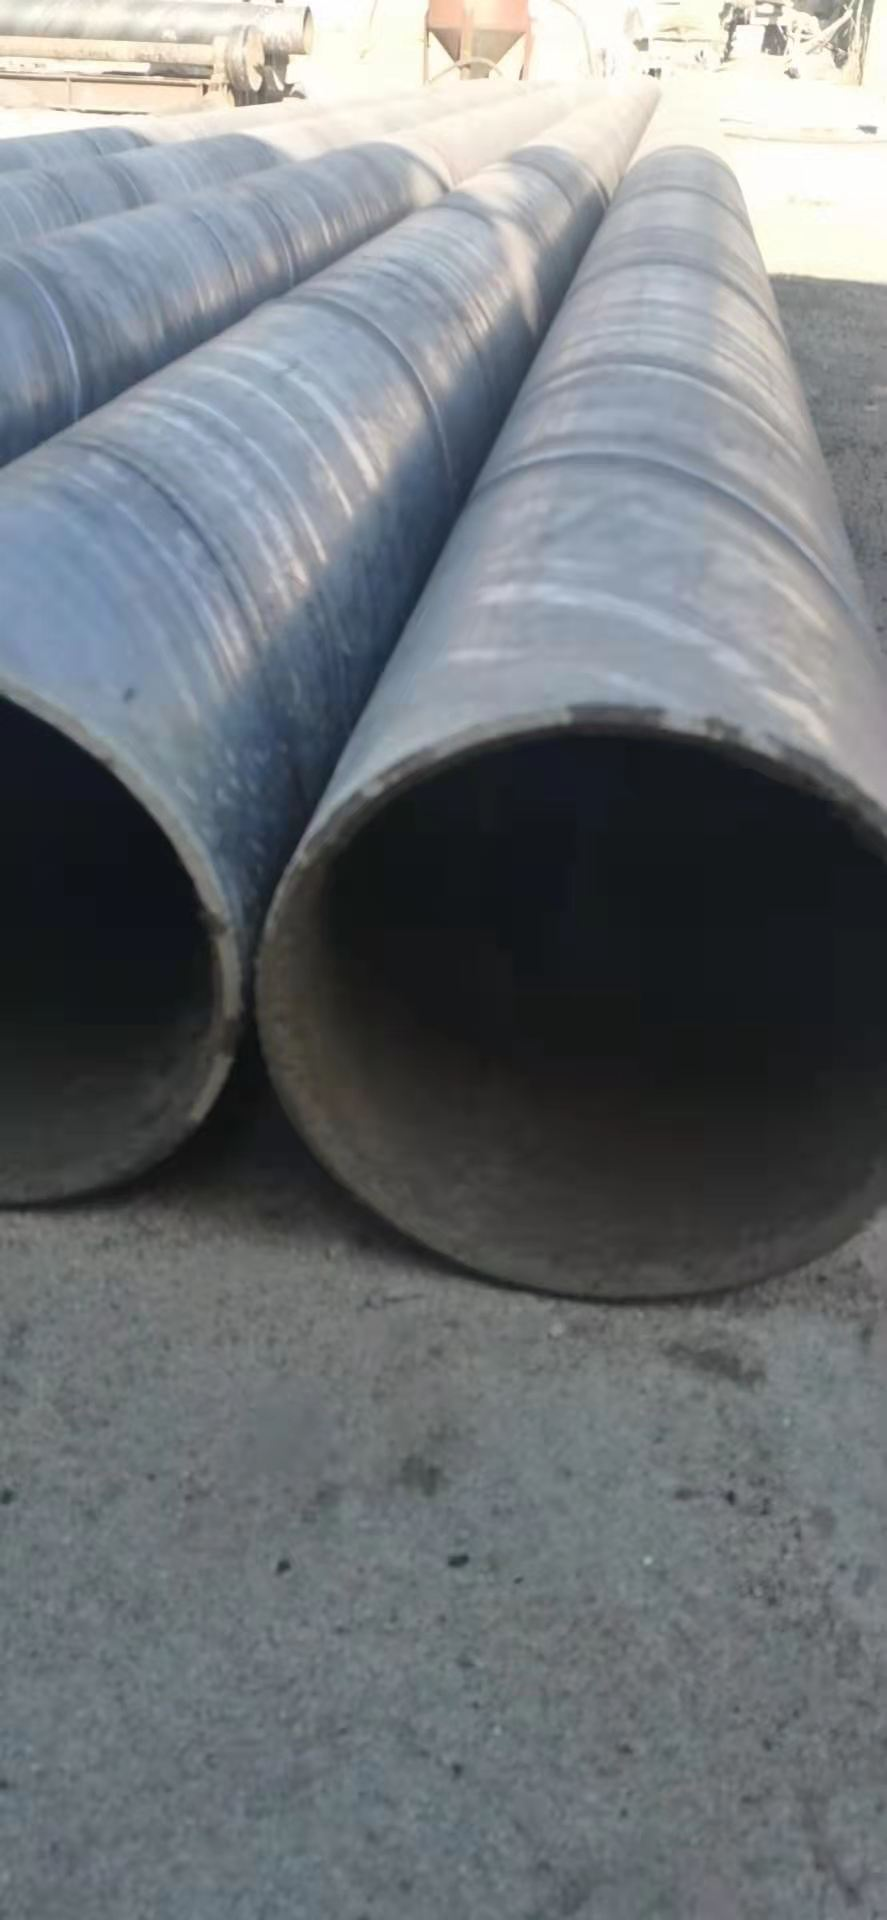 吉安遂川X52螺旋钢管发货快的厂家凤梨